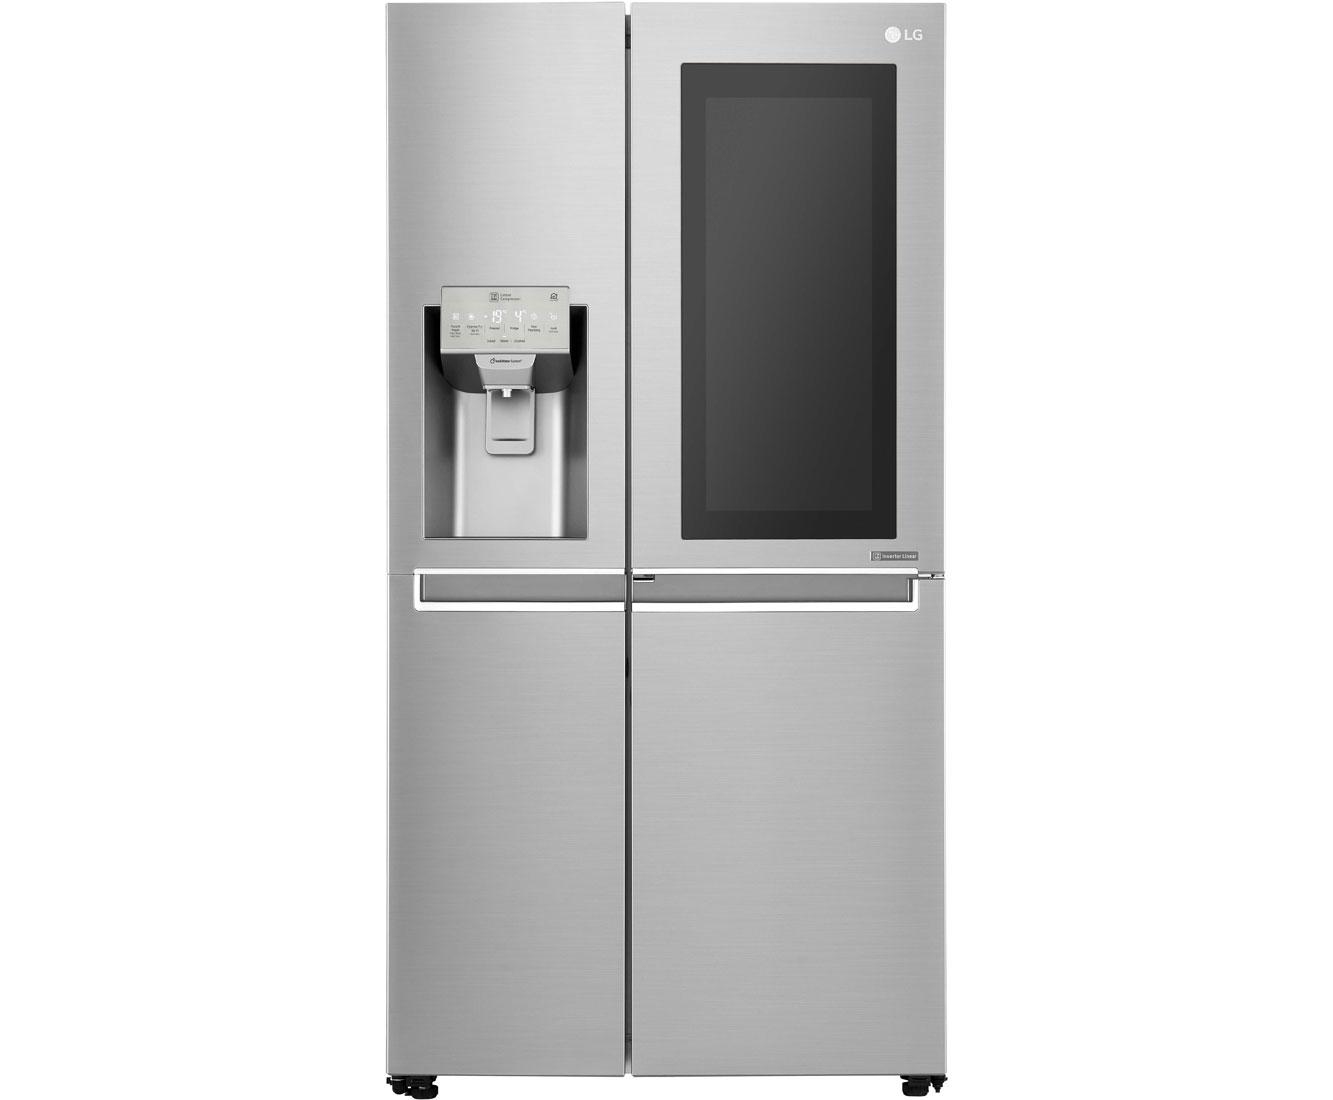 Amerikanischer Kühlschrank Lg : Lg gsx neaz amerikanischer side by side mit wasserspender